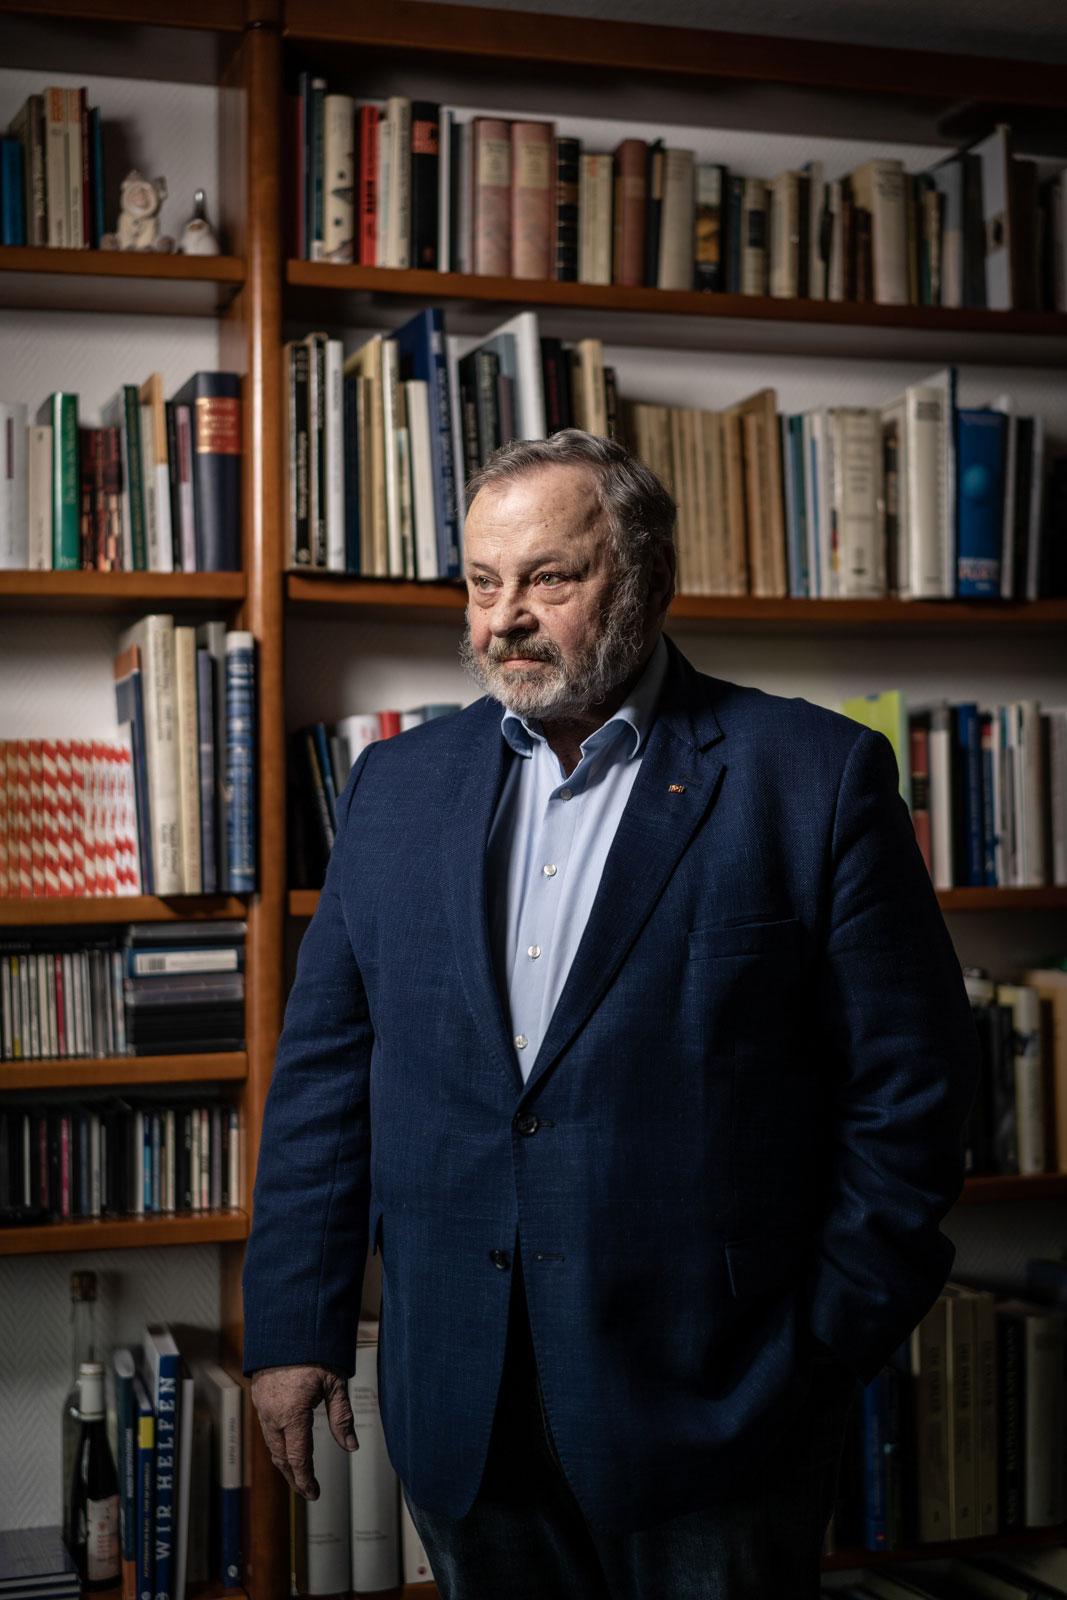 Dr. Johannes Gerster, Politiker in Rente